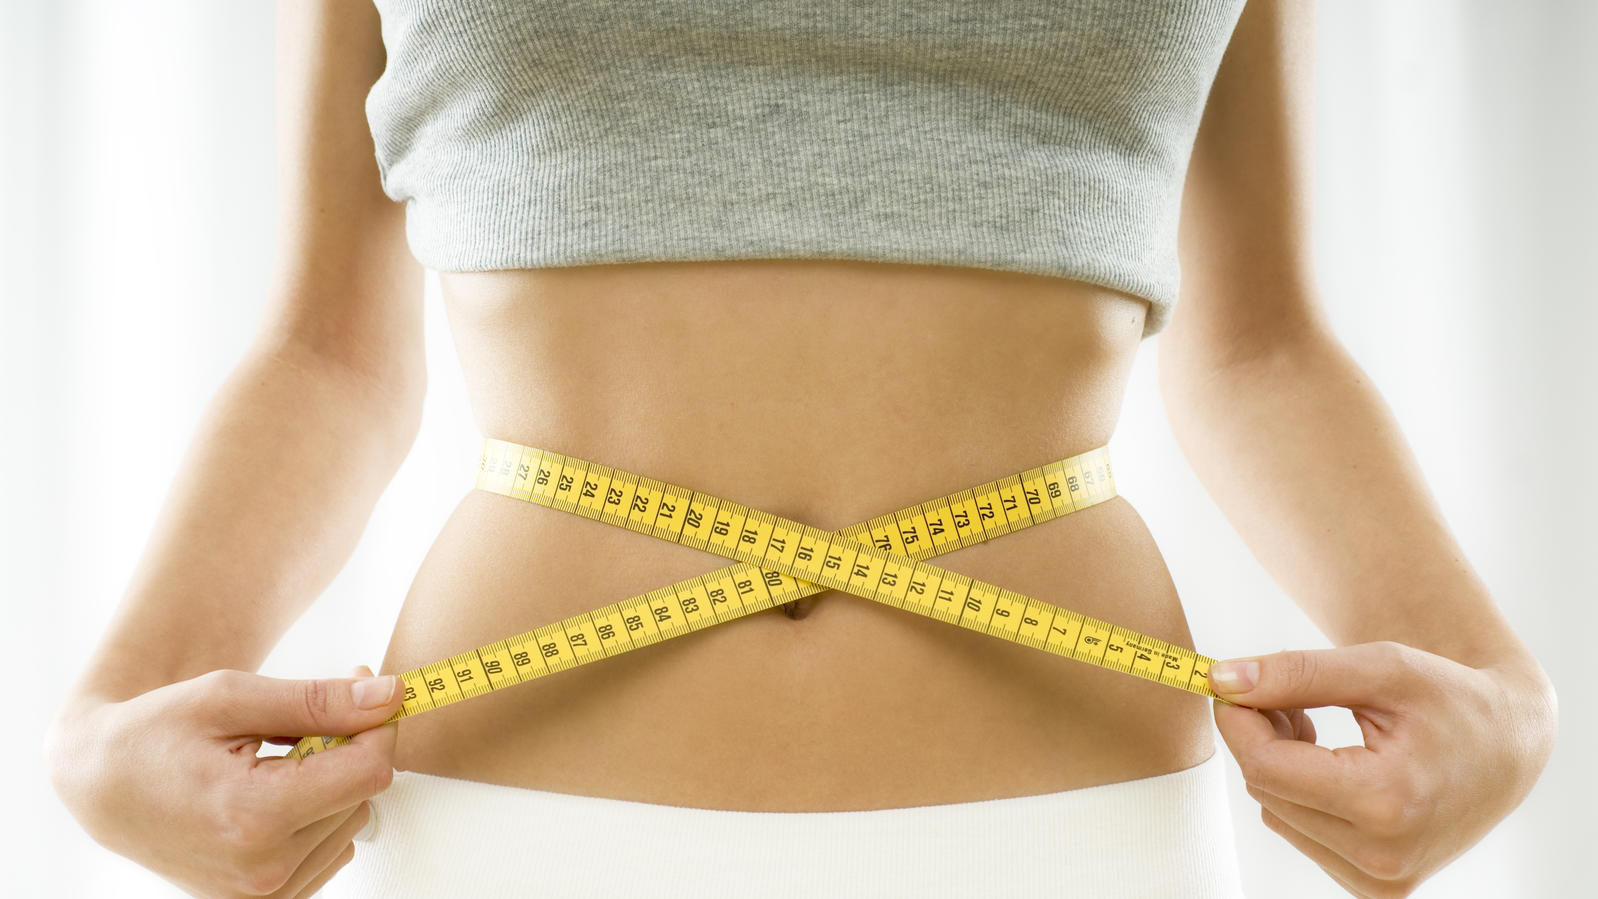 Gyomorballon terápia, egy rendhagyó testsúlycsökkentő eljárás (x)